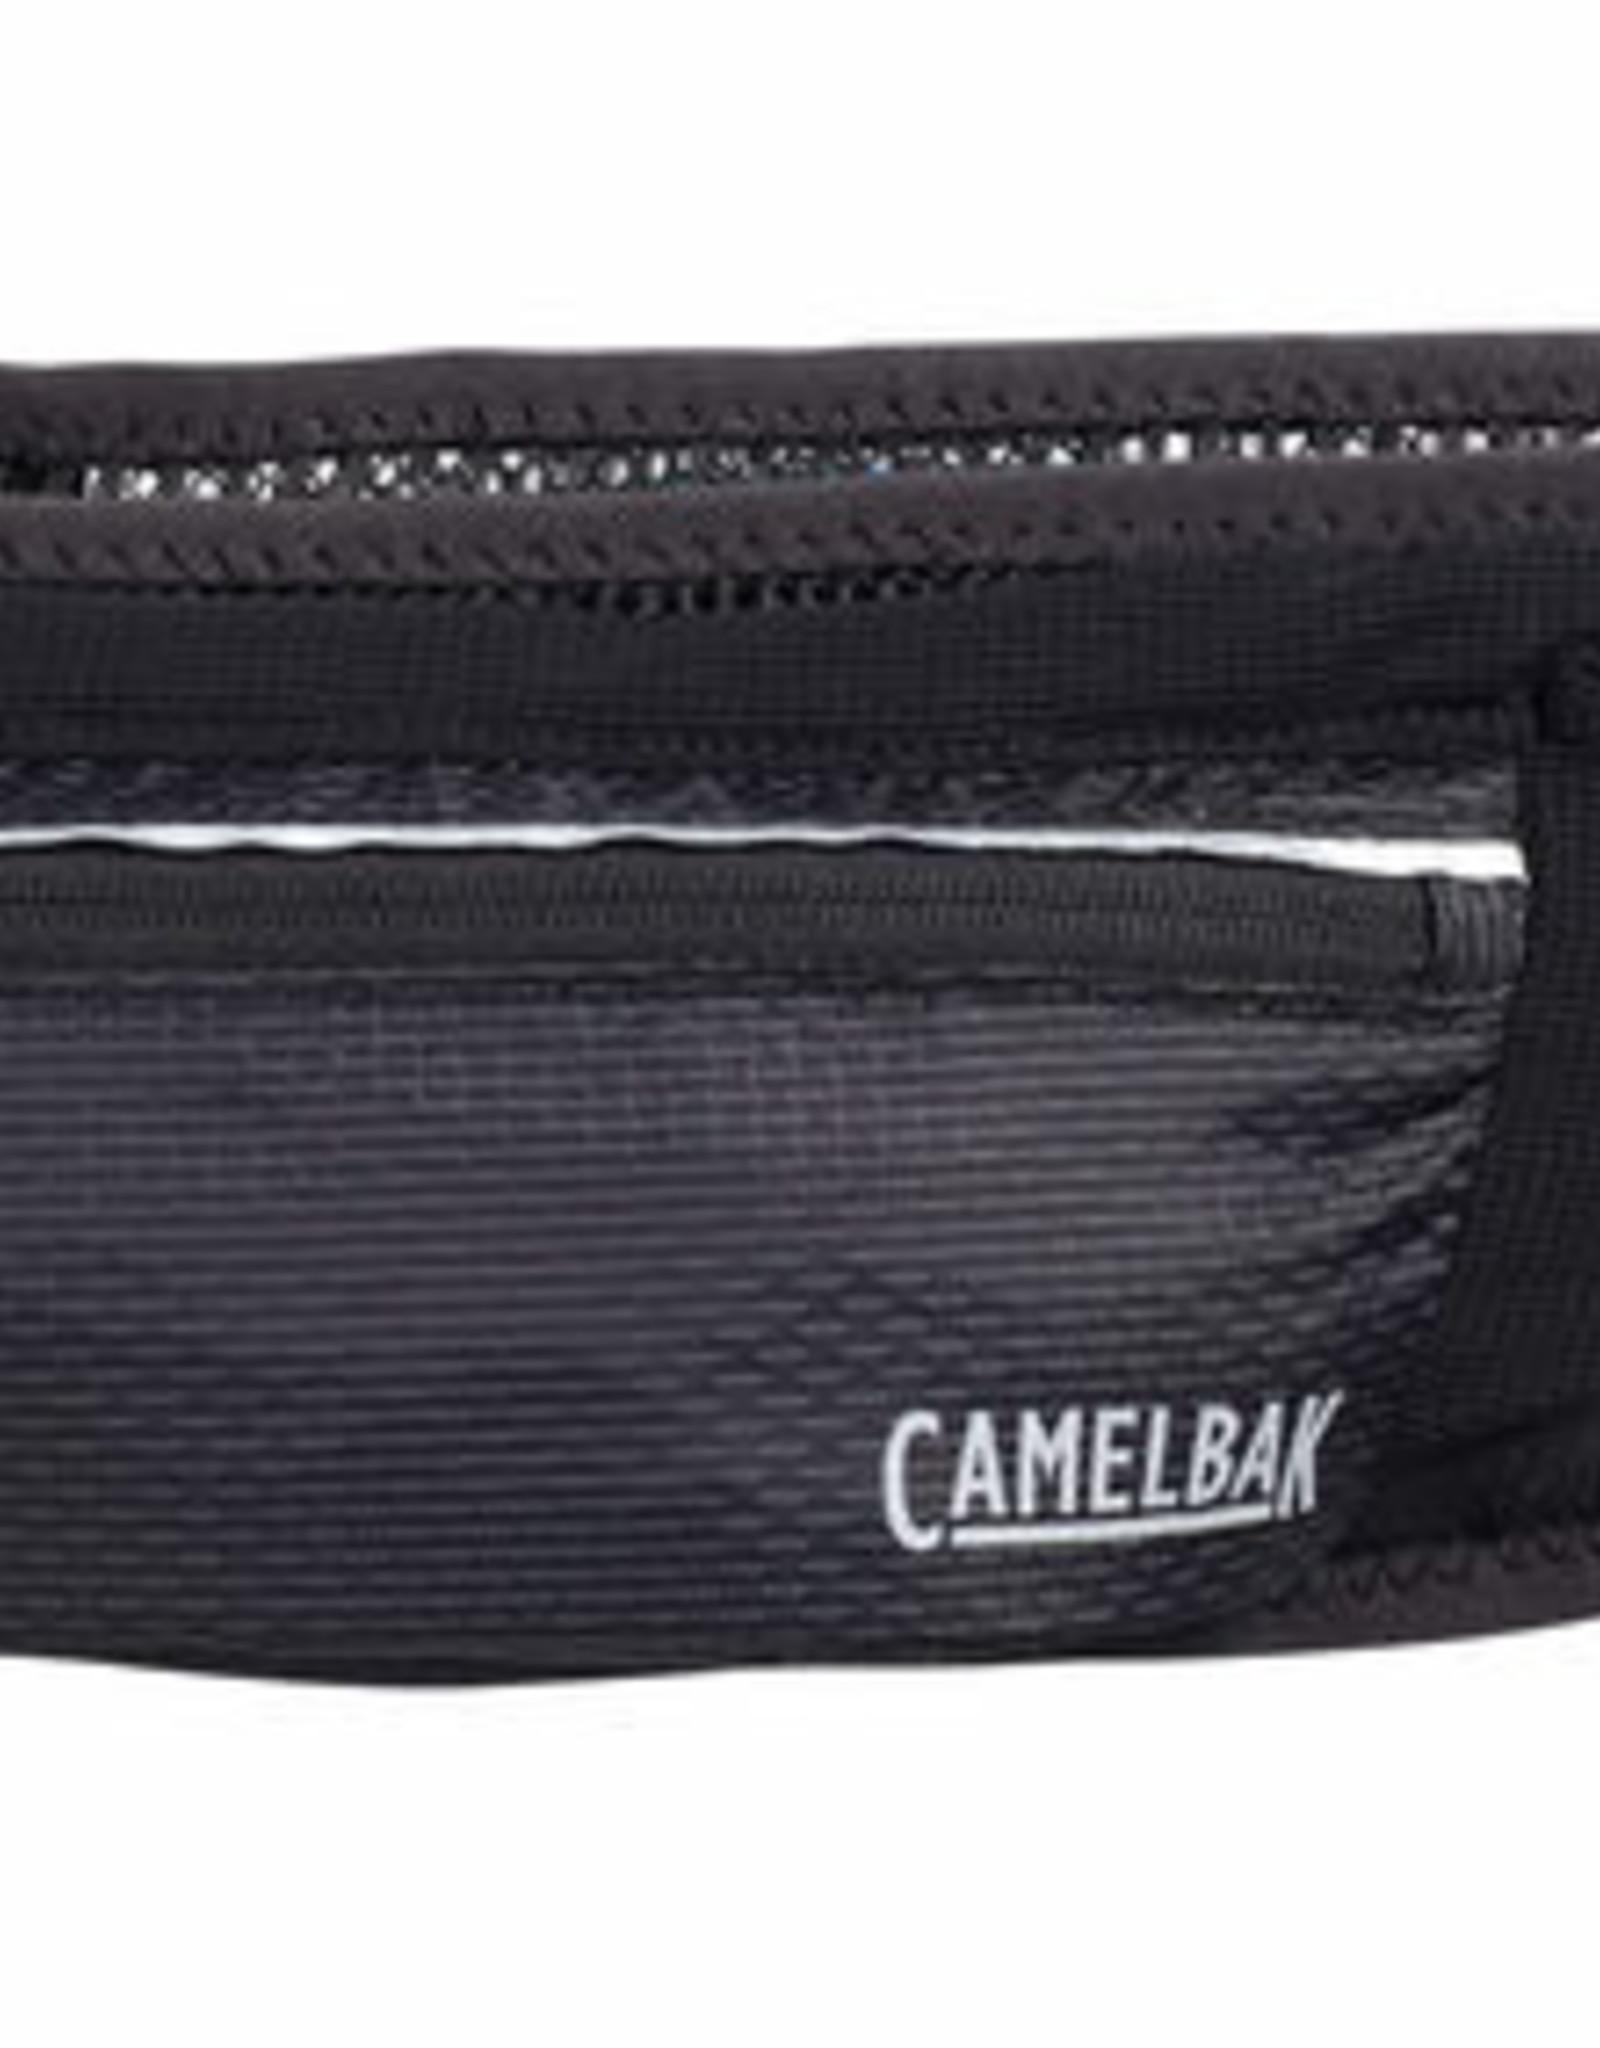 Camelbak Ultra Belt 17oz